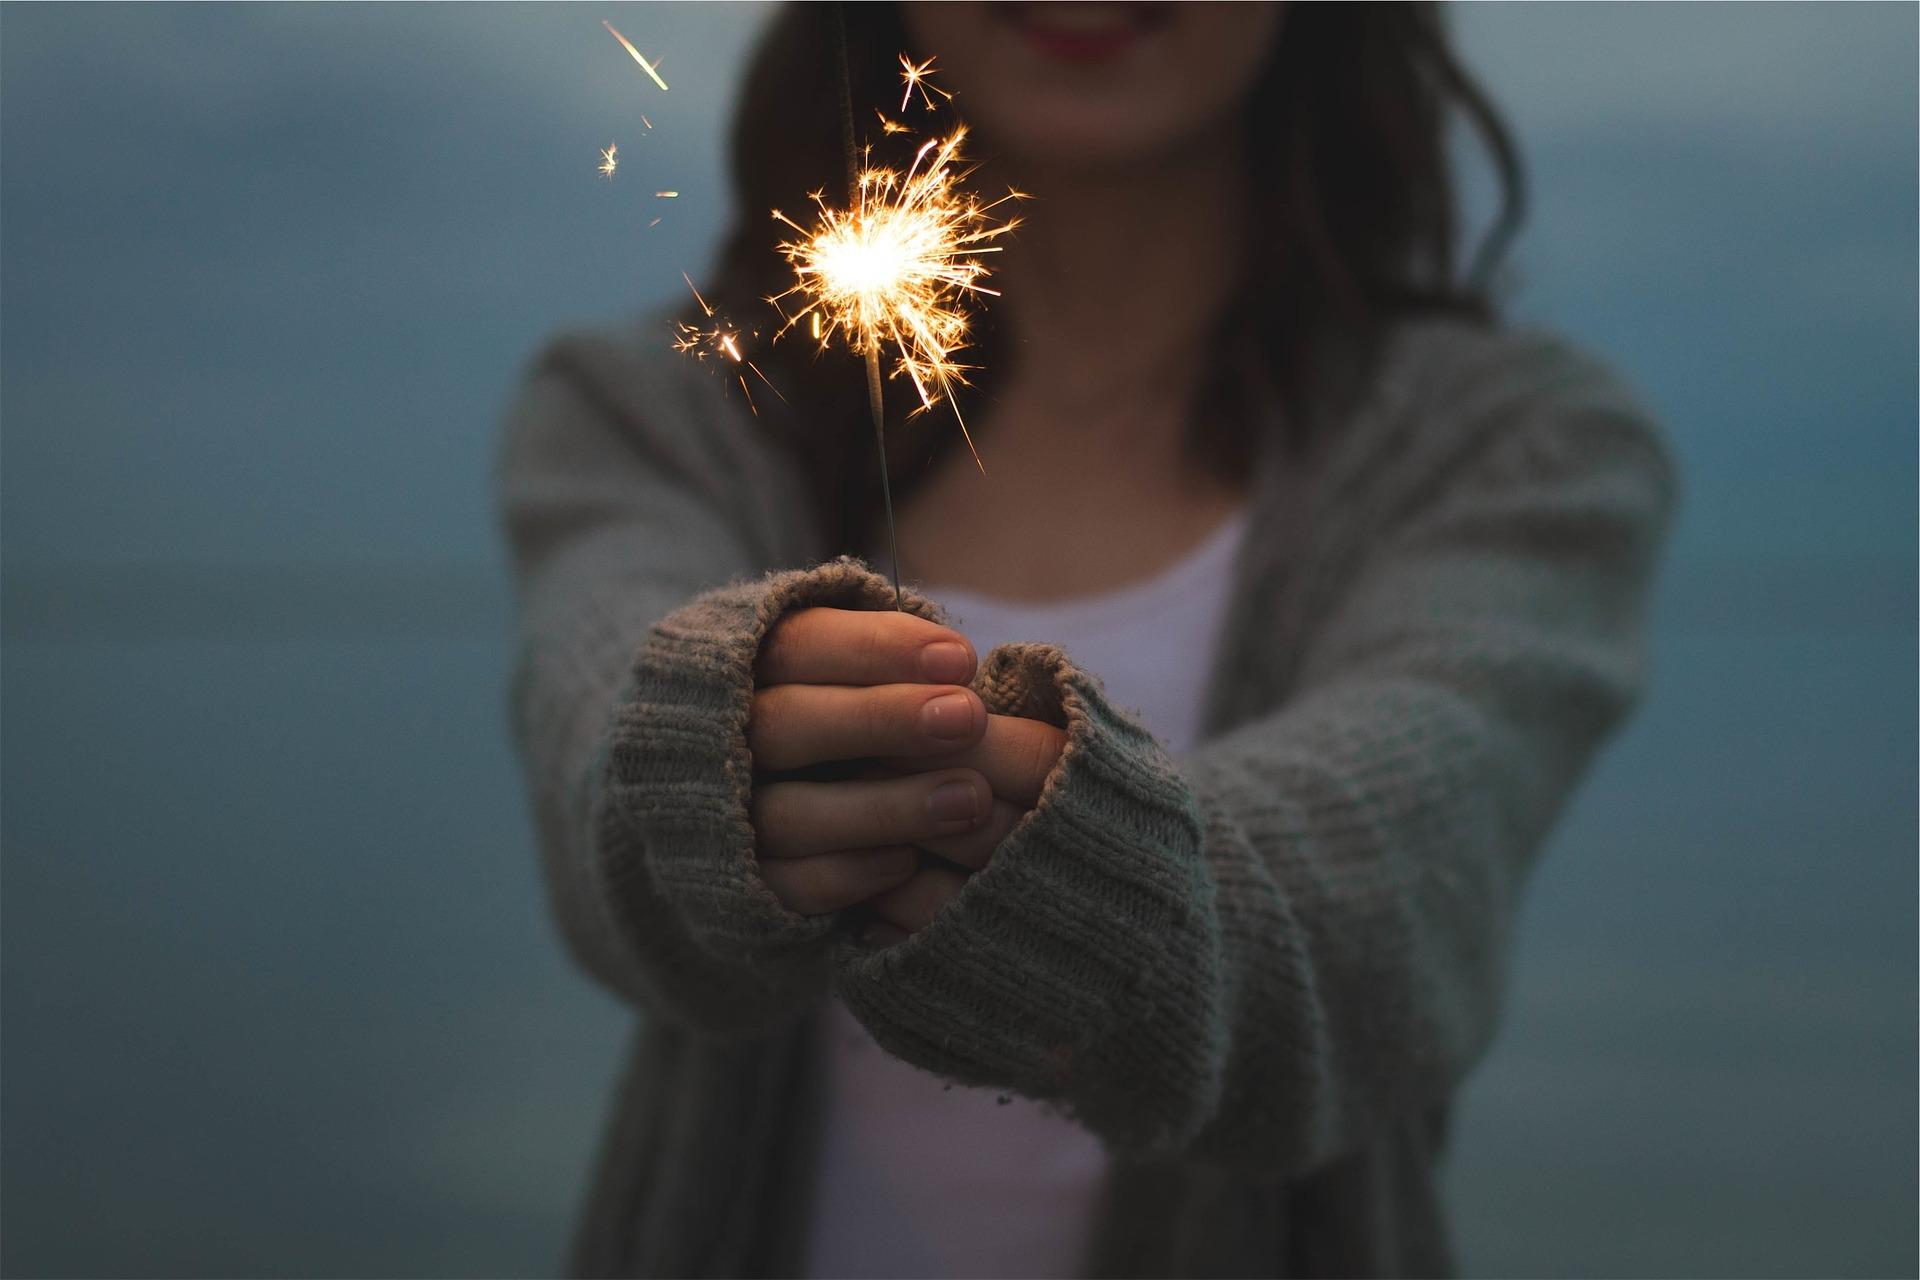 Rares sont ceux qui peuvent se targuer d'exercer le métier de leur rêves. Et pourtant nombreux sont ceux qui souhaitent y parvenir. Grâce à l'ikigai, il est possible de trouver sa voie et sa raison d'être.